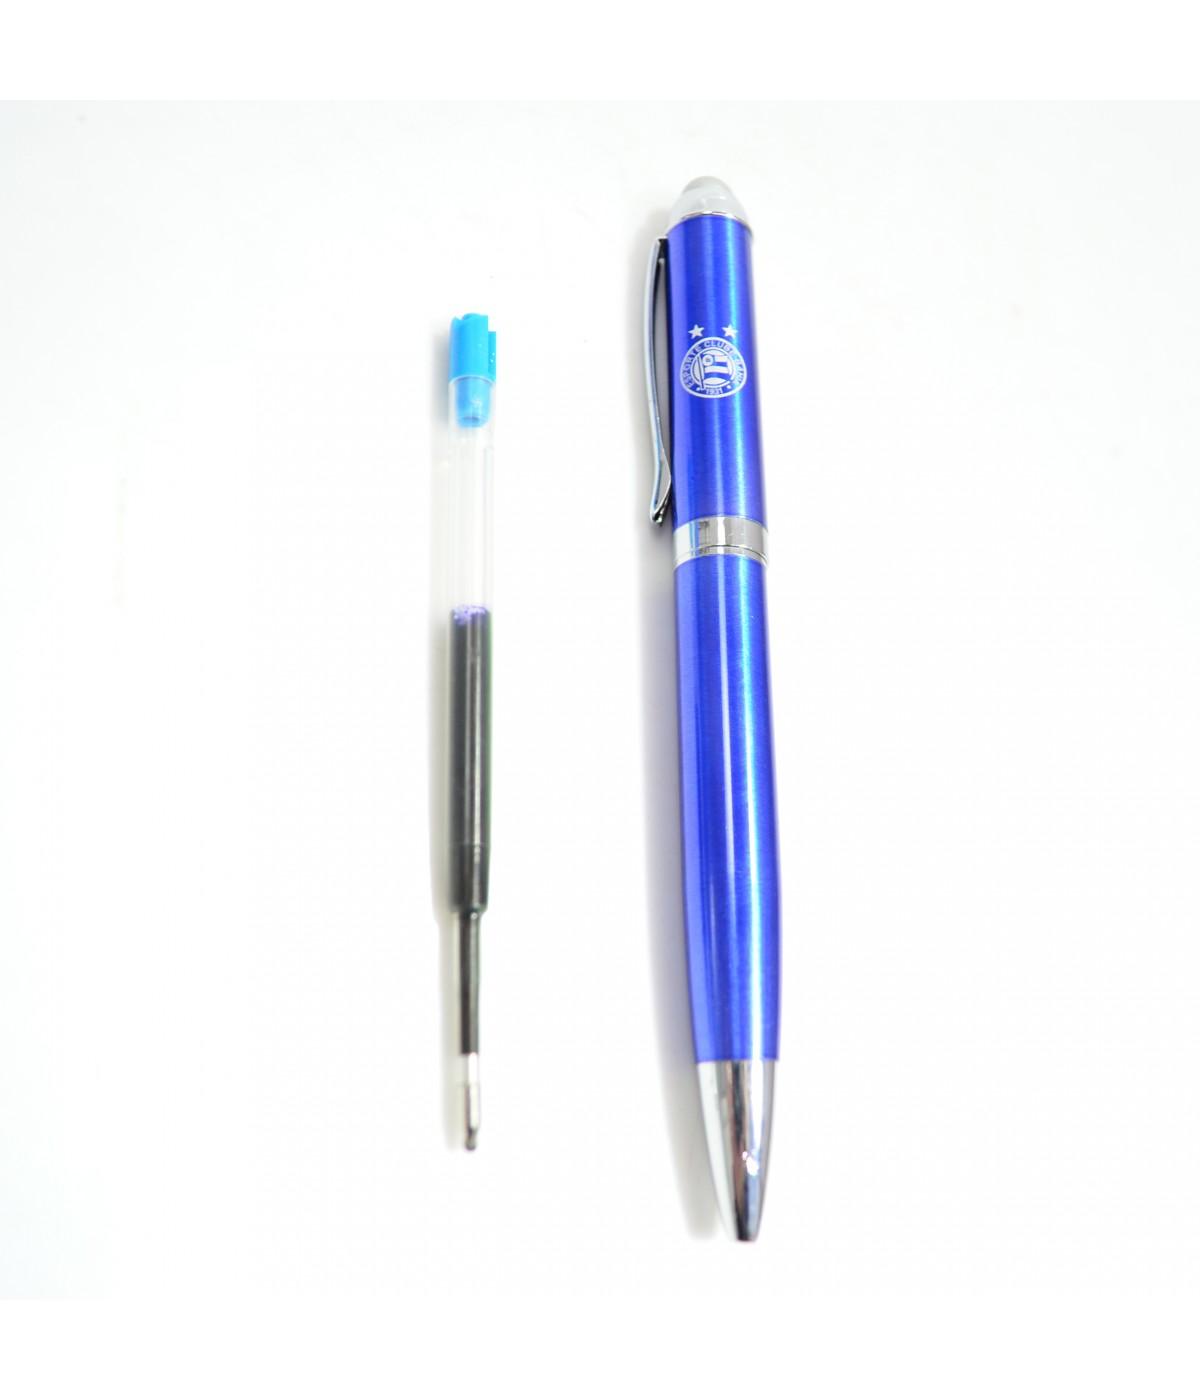 Caneta Roller Pen Metal Touch Screen Carga Extra - Bahia